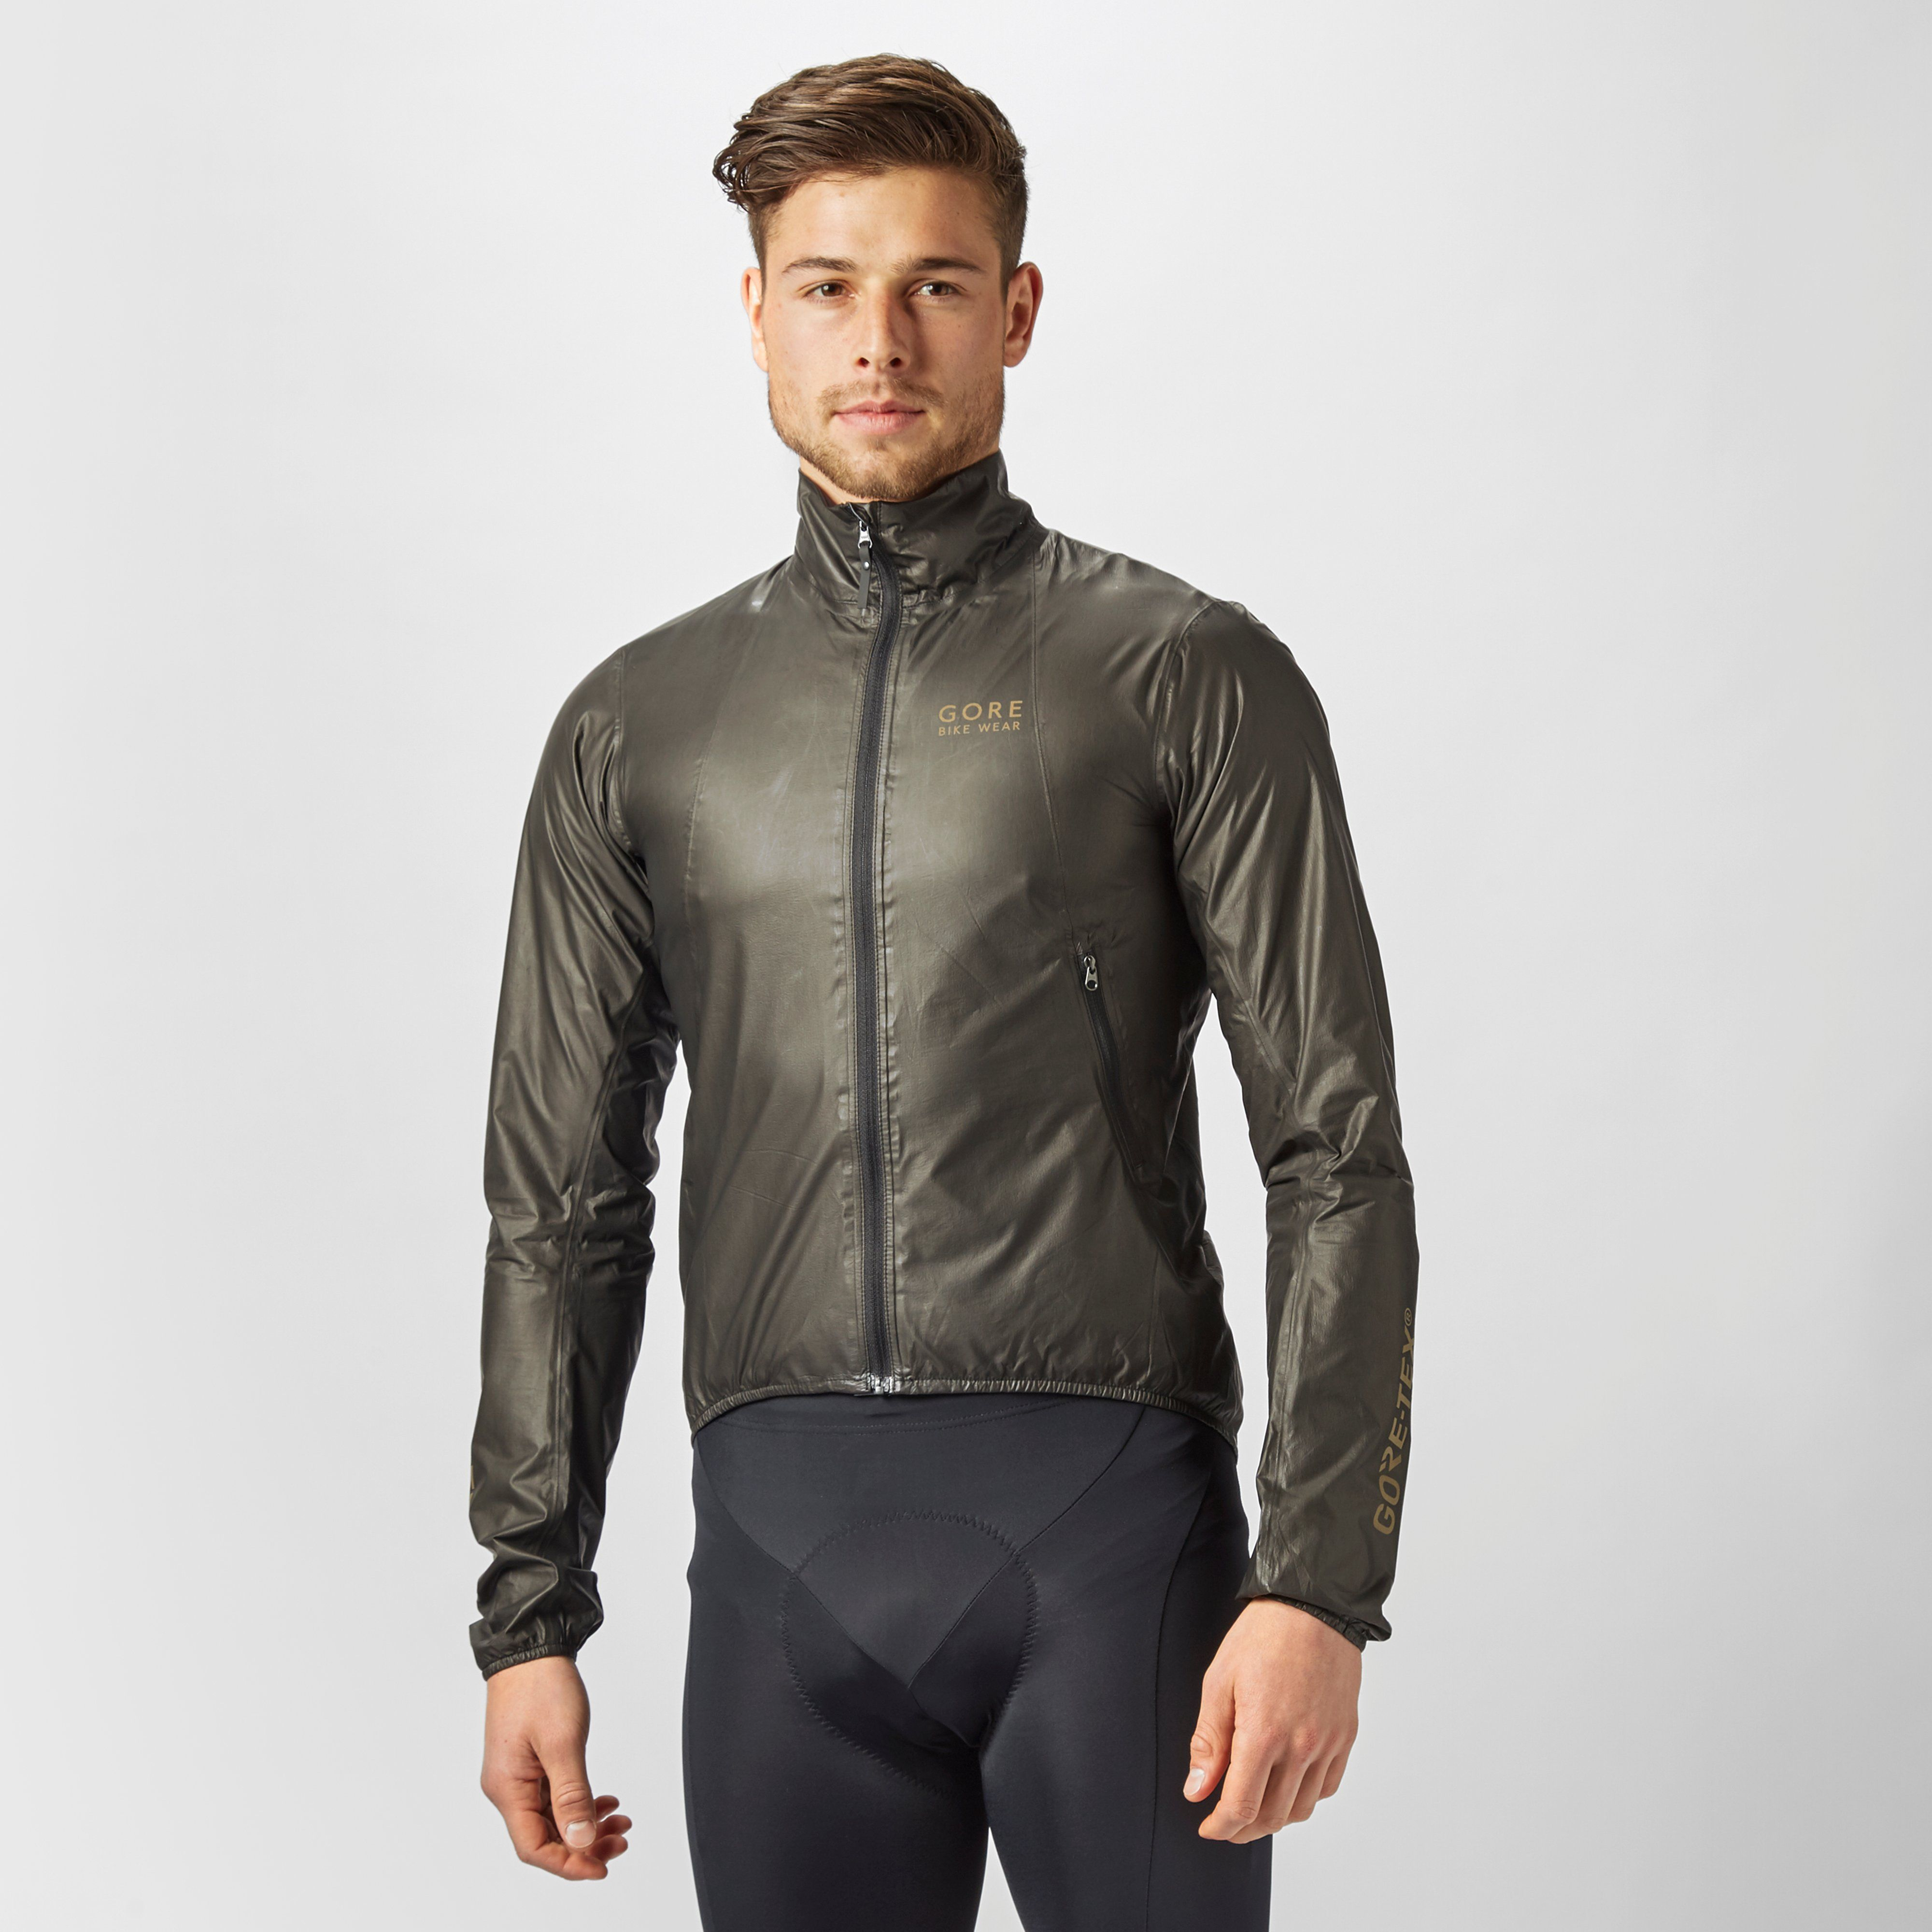 GORE Men's One Gore-Tex® Active Bike Jacket